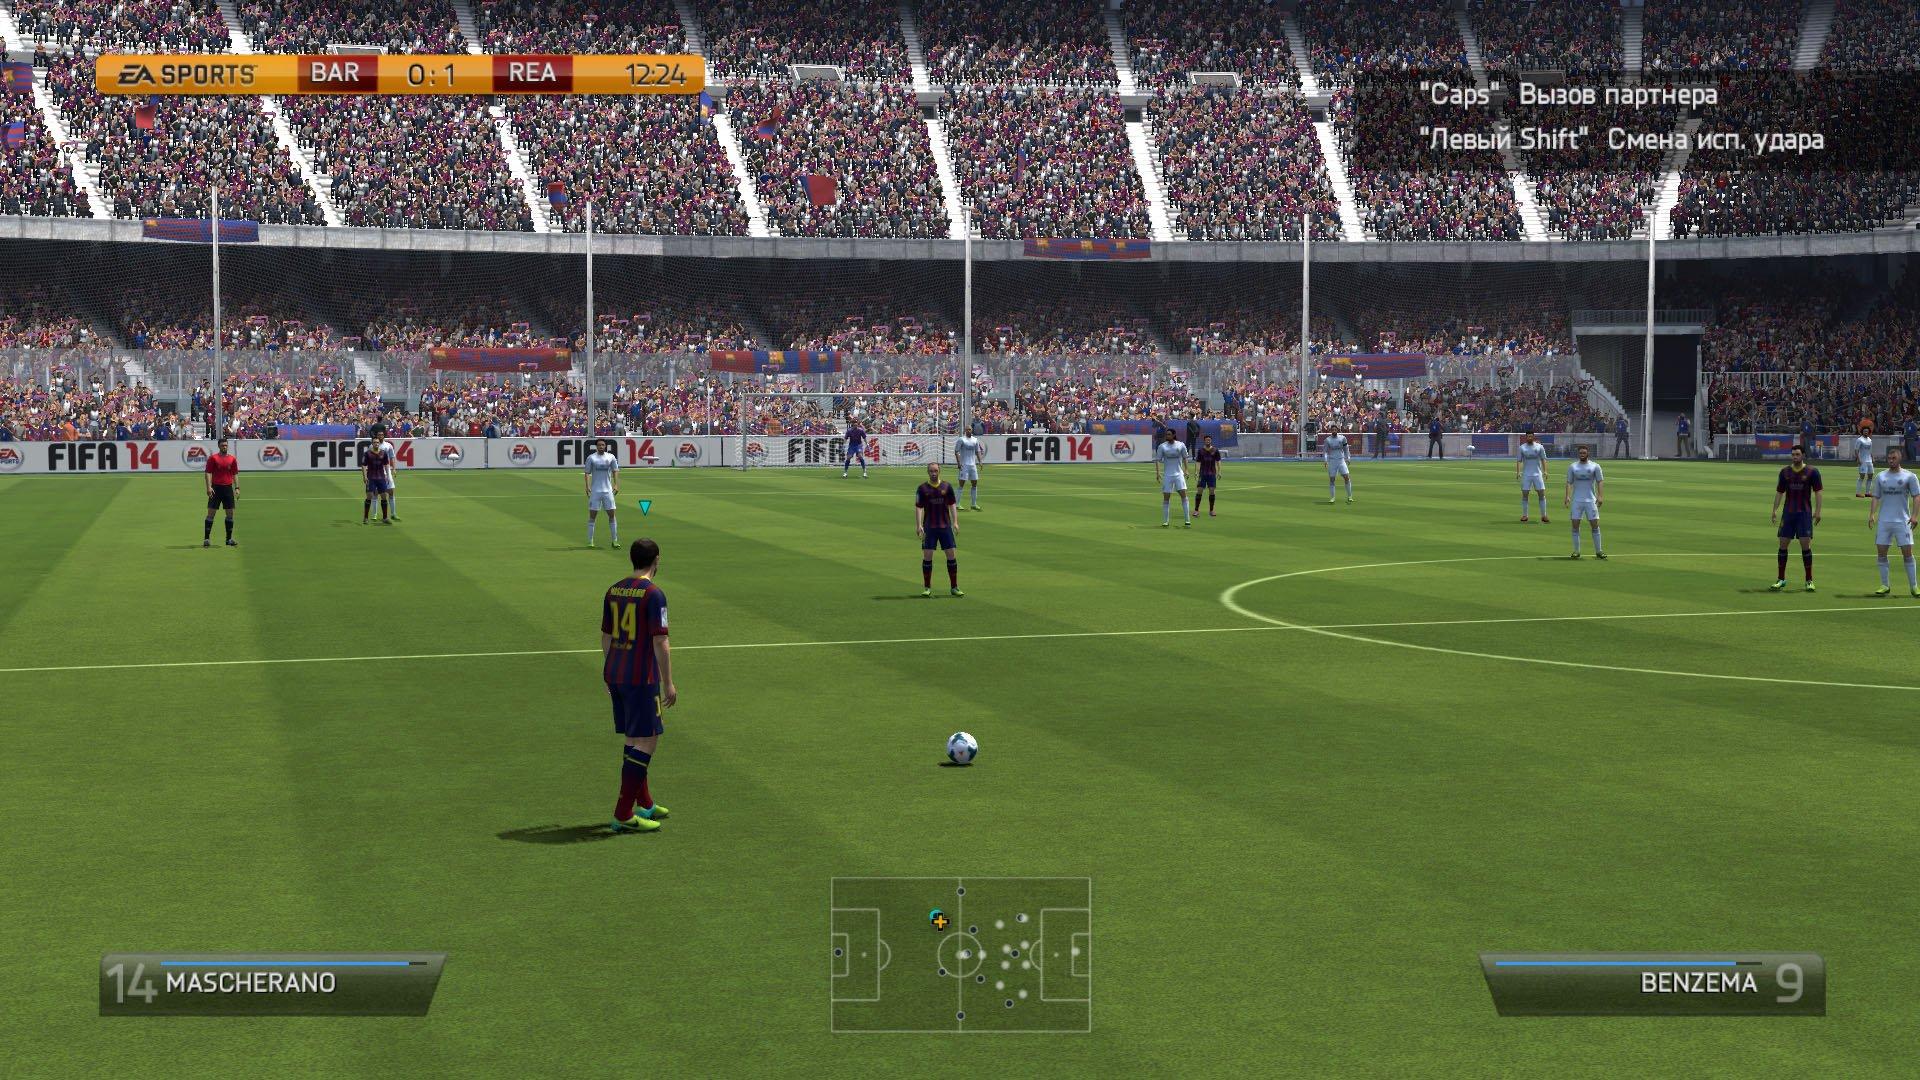 Скачать футбол 11 на компьютер через торрент